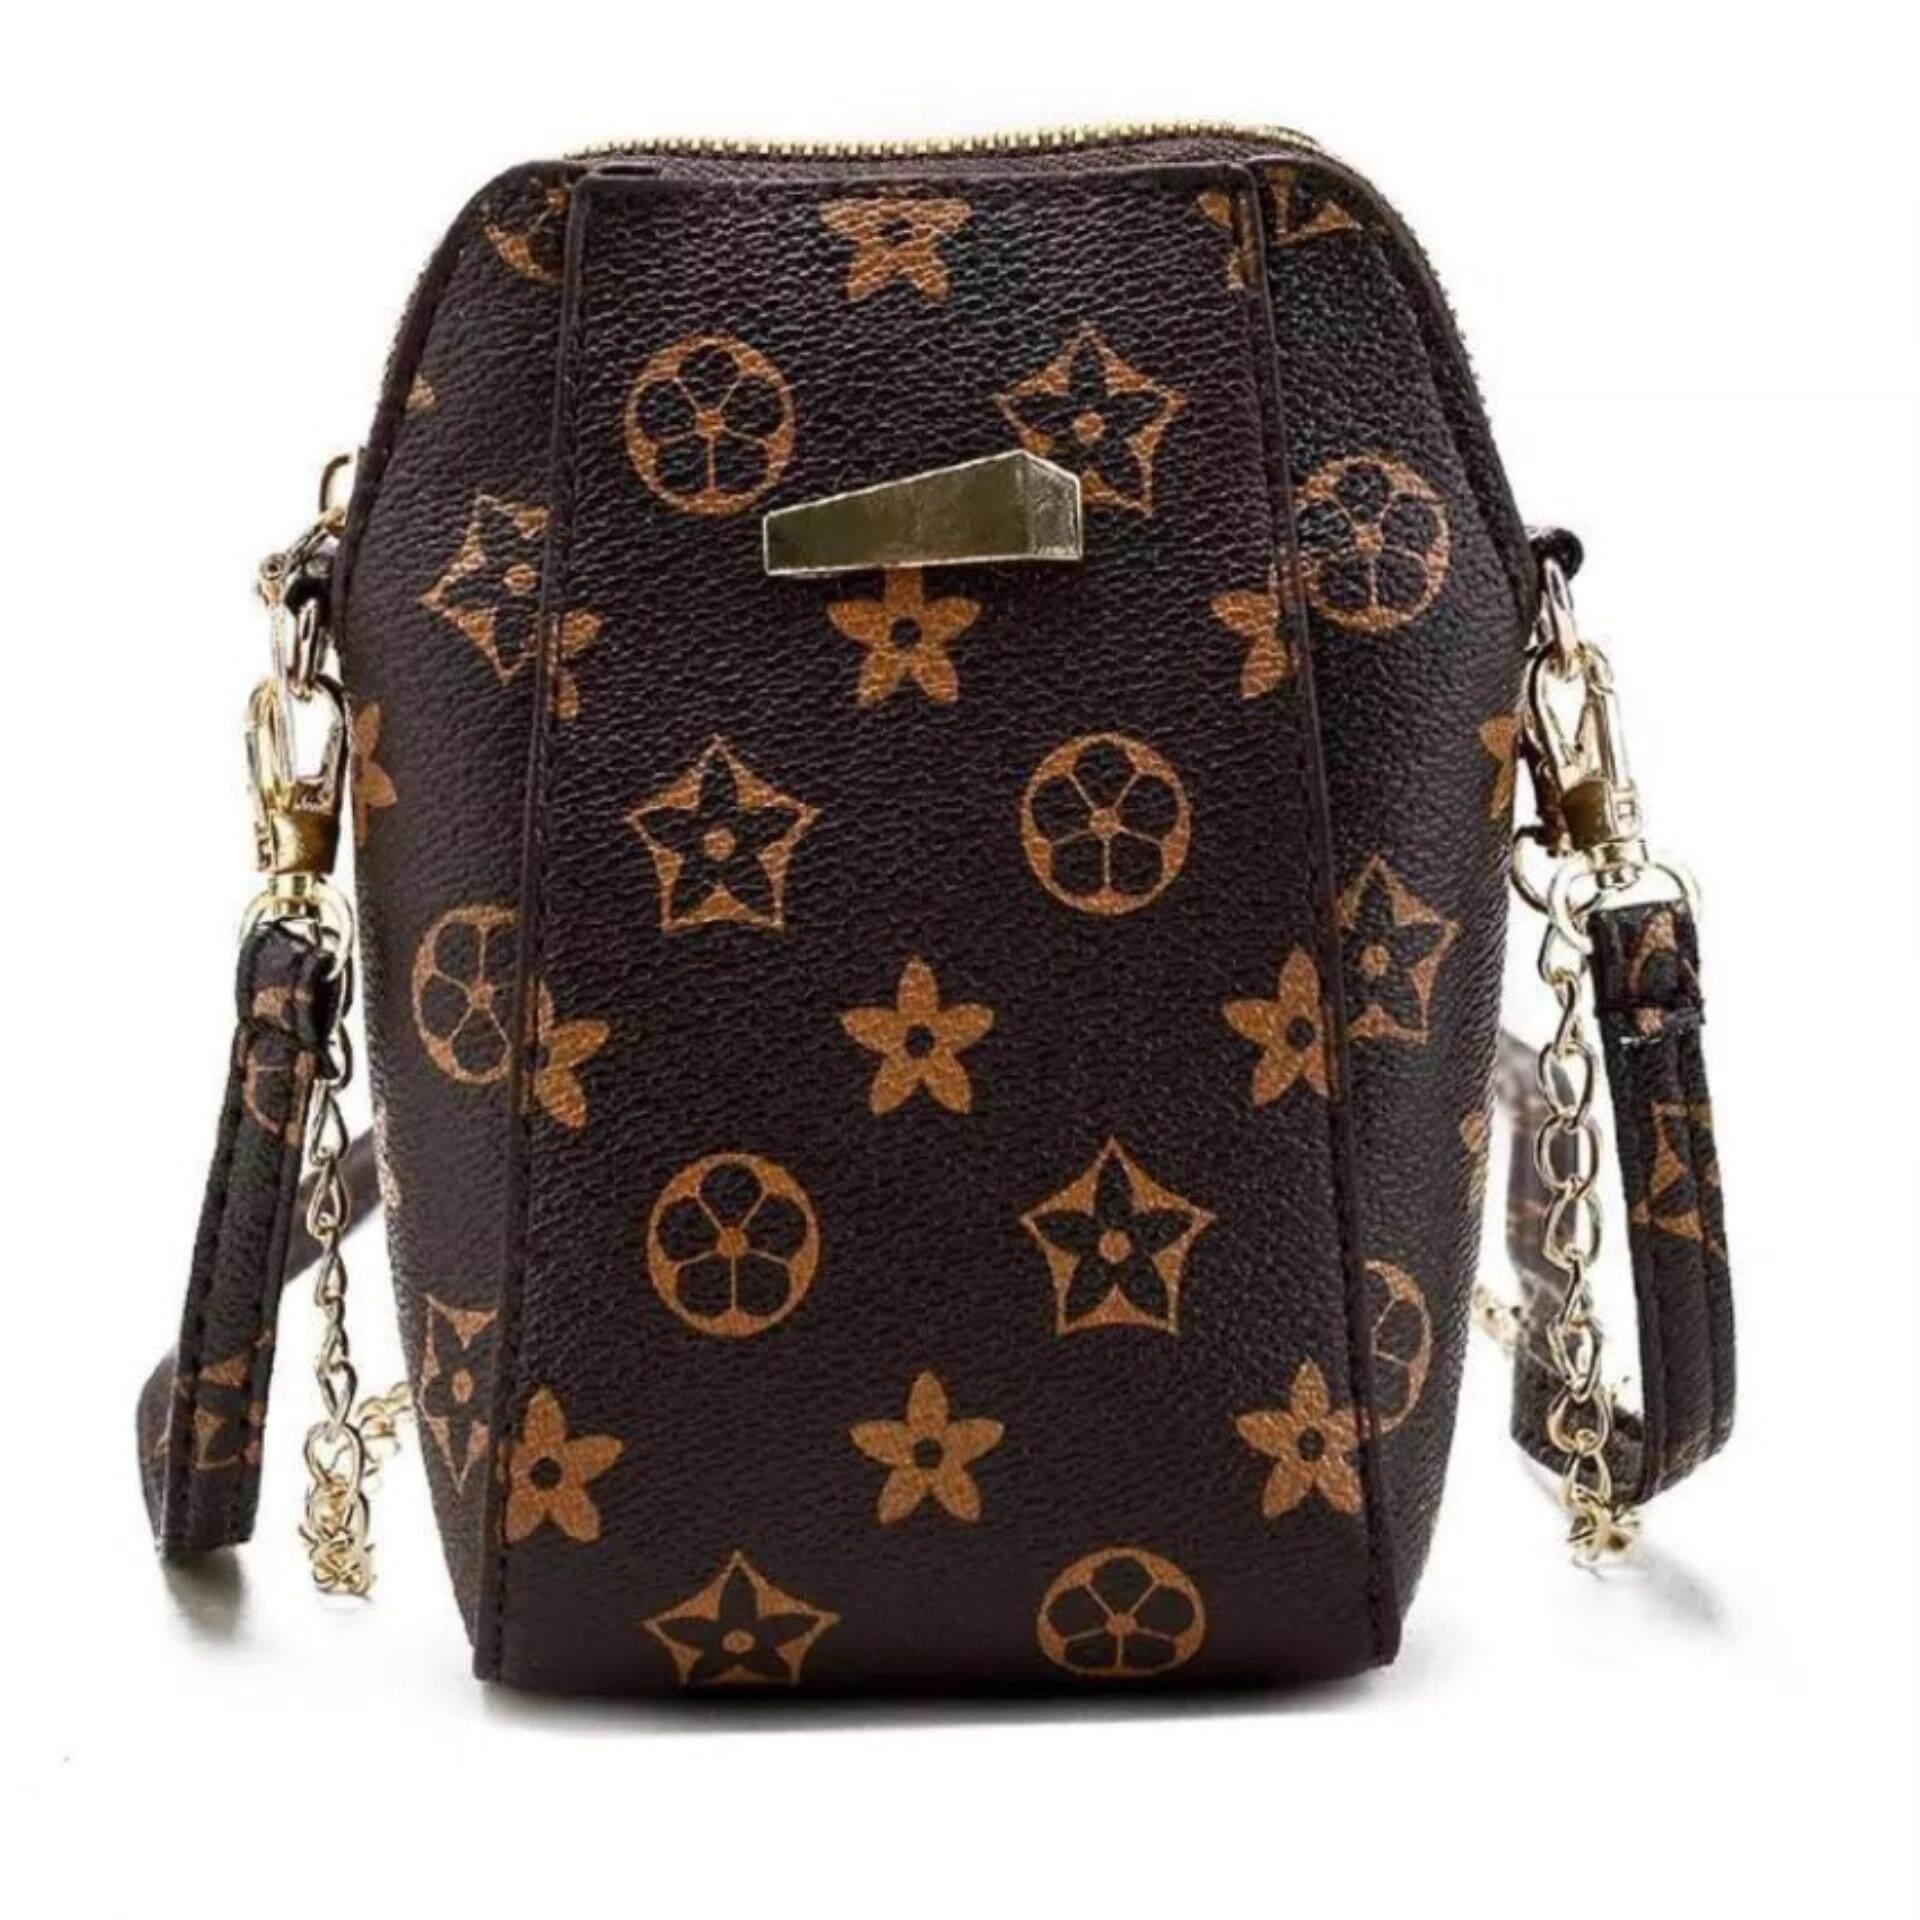 กระเป๋าสะพายพาดลำตัว นักเรียน ผู้หญิง วัยรุ่น ตาก FGN กระเป๋าเป้สะพายหญิง Bag กระเป๋าทรงสูง กระเป๋าแฟชั่นสายโซ่ทอง  สีน้ำตาล   กระเป๋าใส่โทรศัทพ์  รุ่น FGN 085